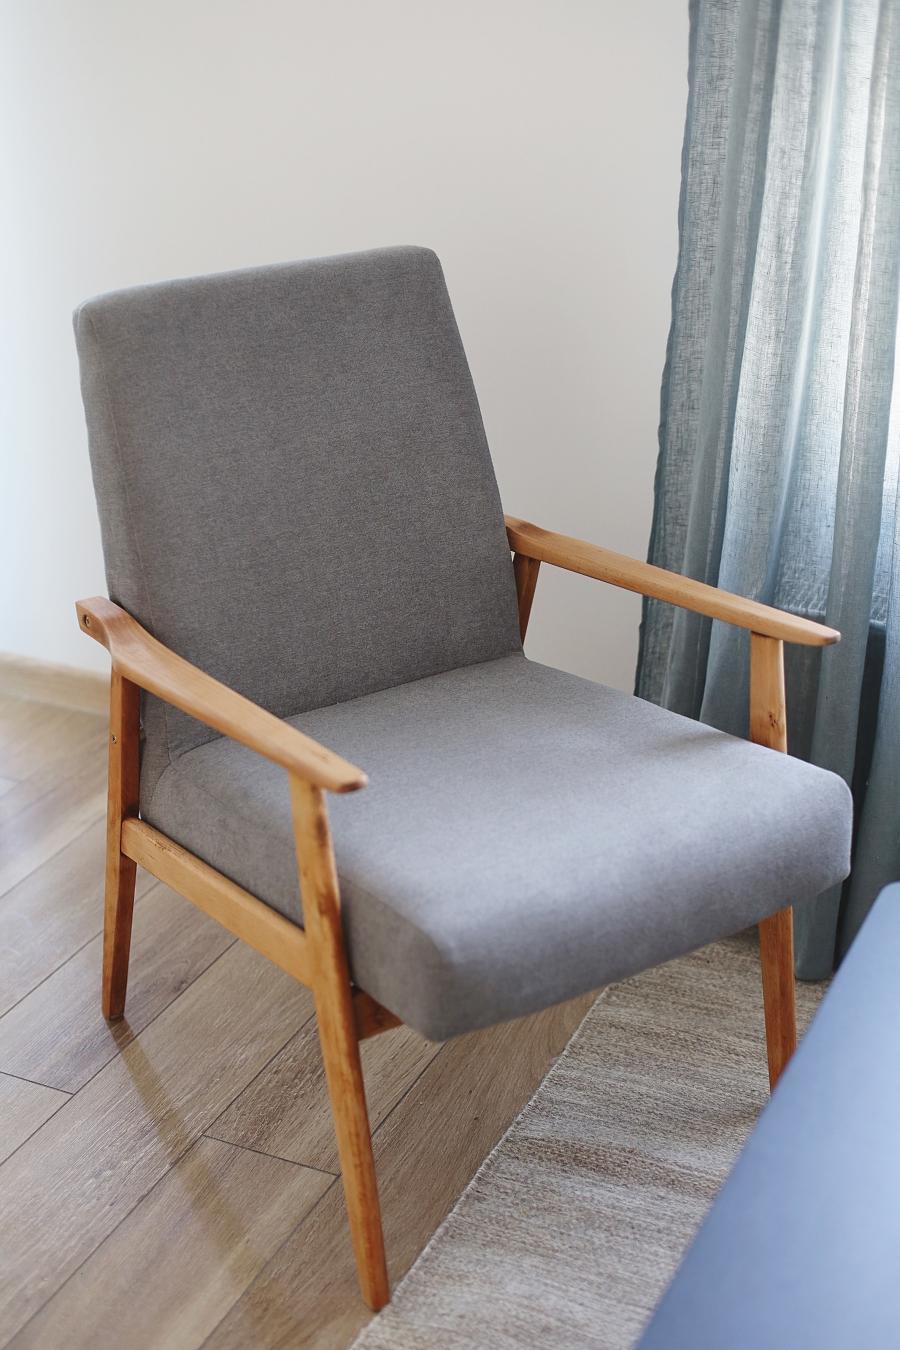 Salon z zielonymi akcentami - odnowiony fotel PRL